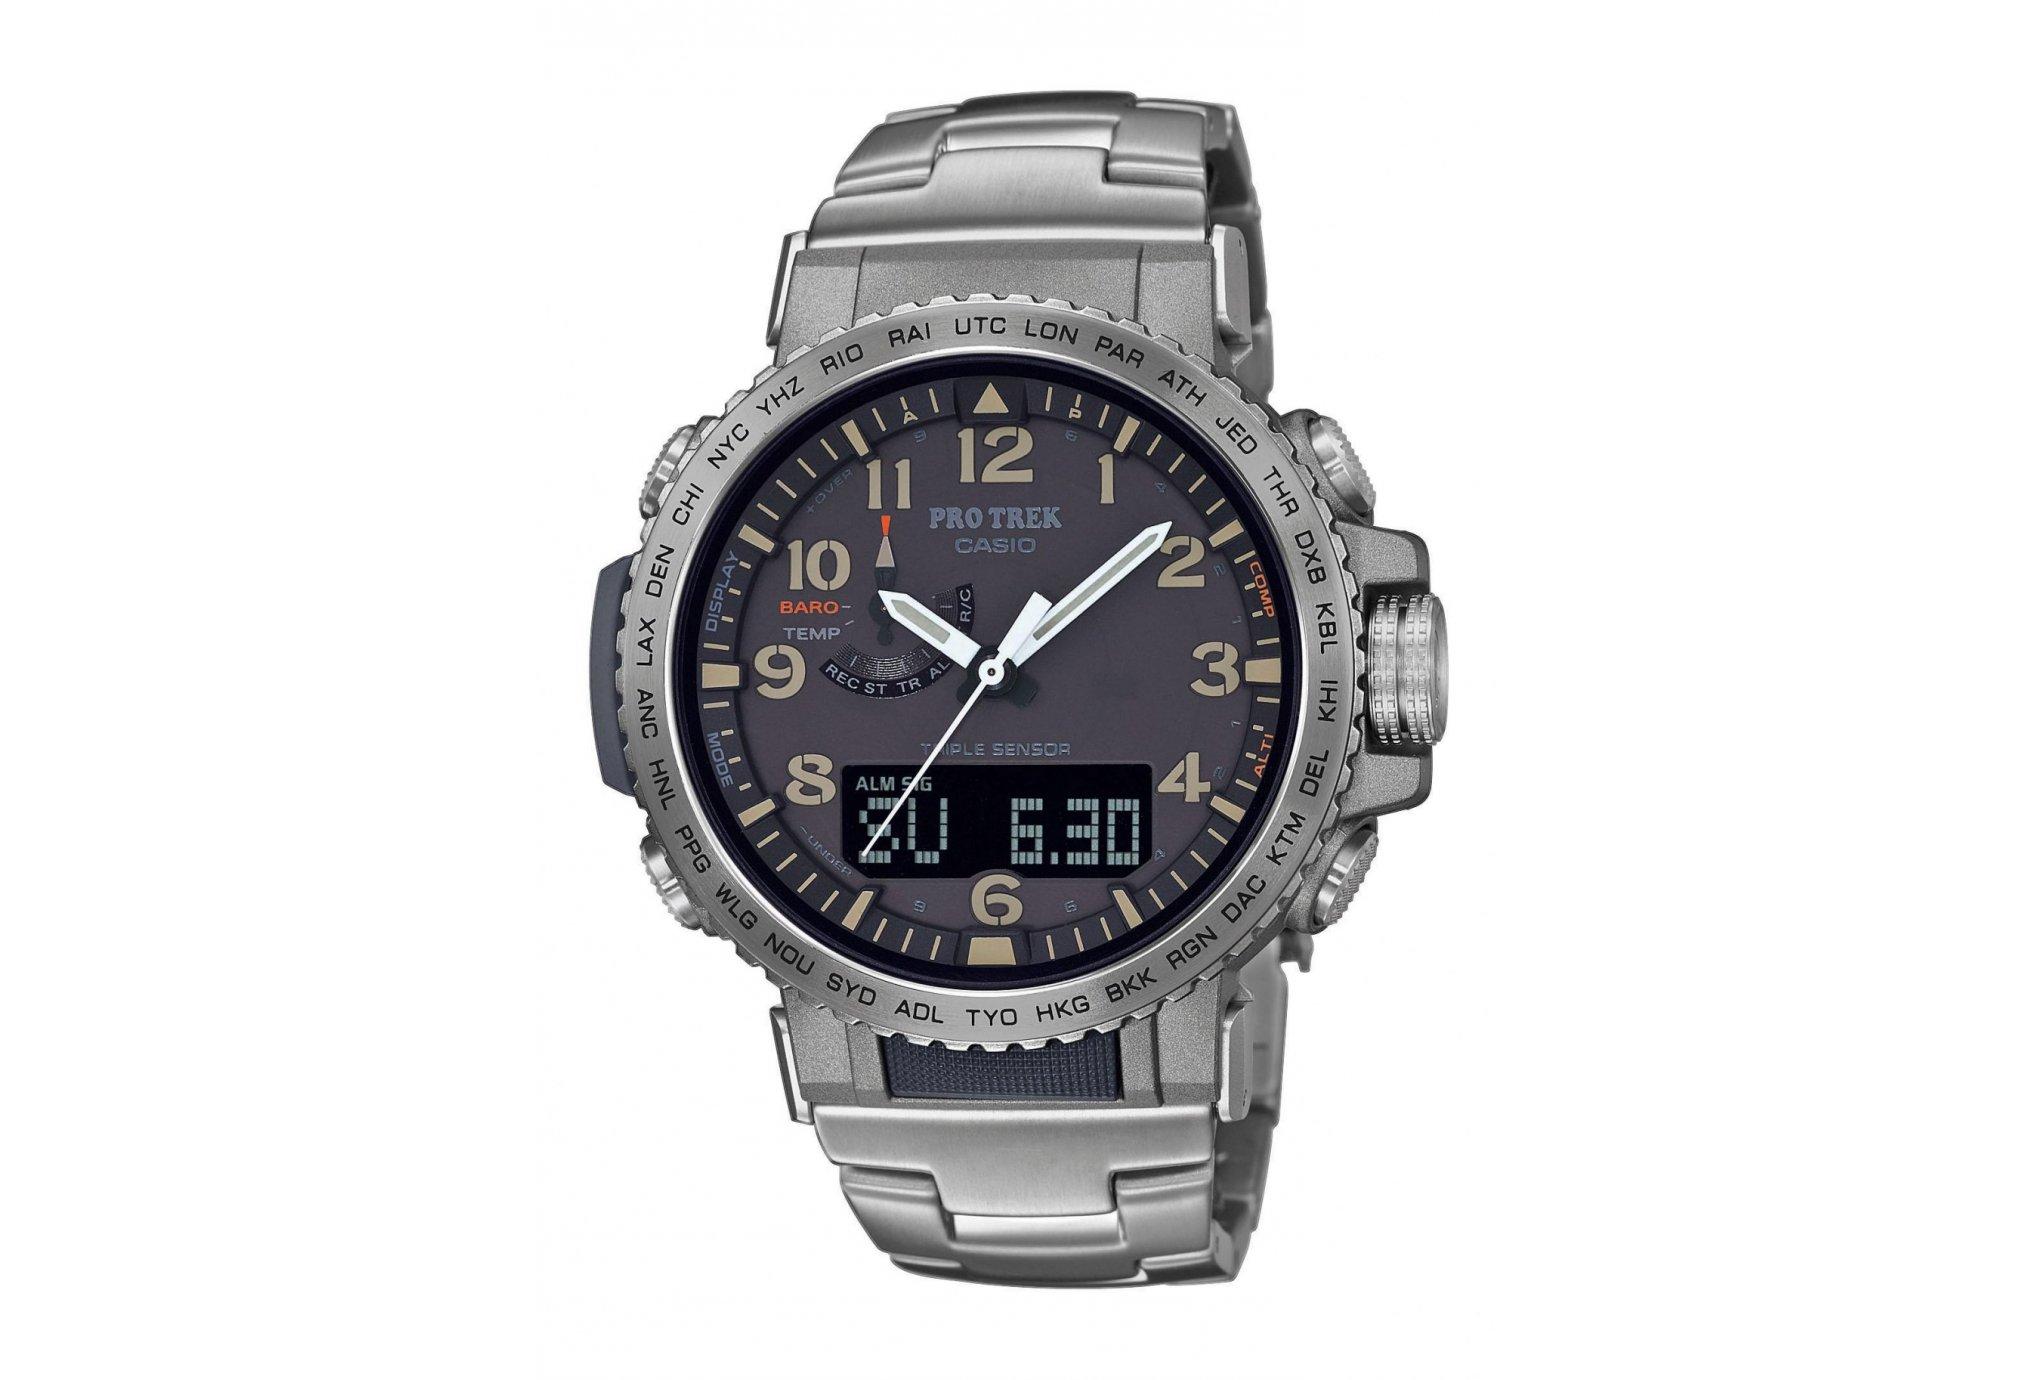 Casio Pro trek prw-50t-7aer montres de sport